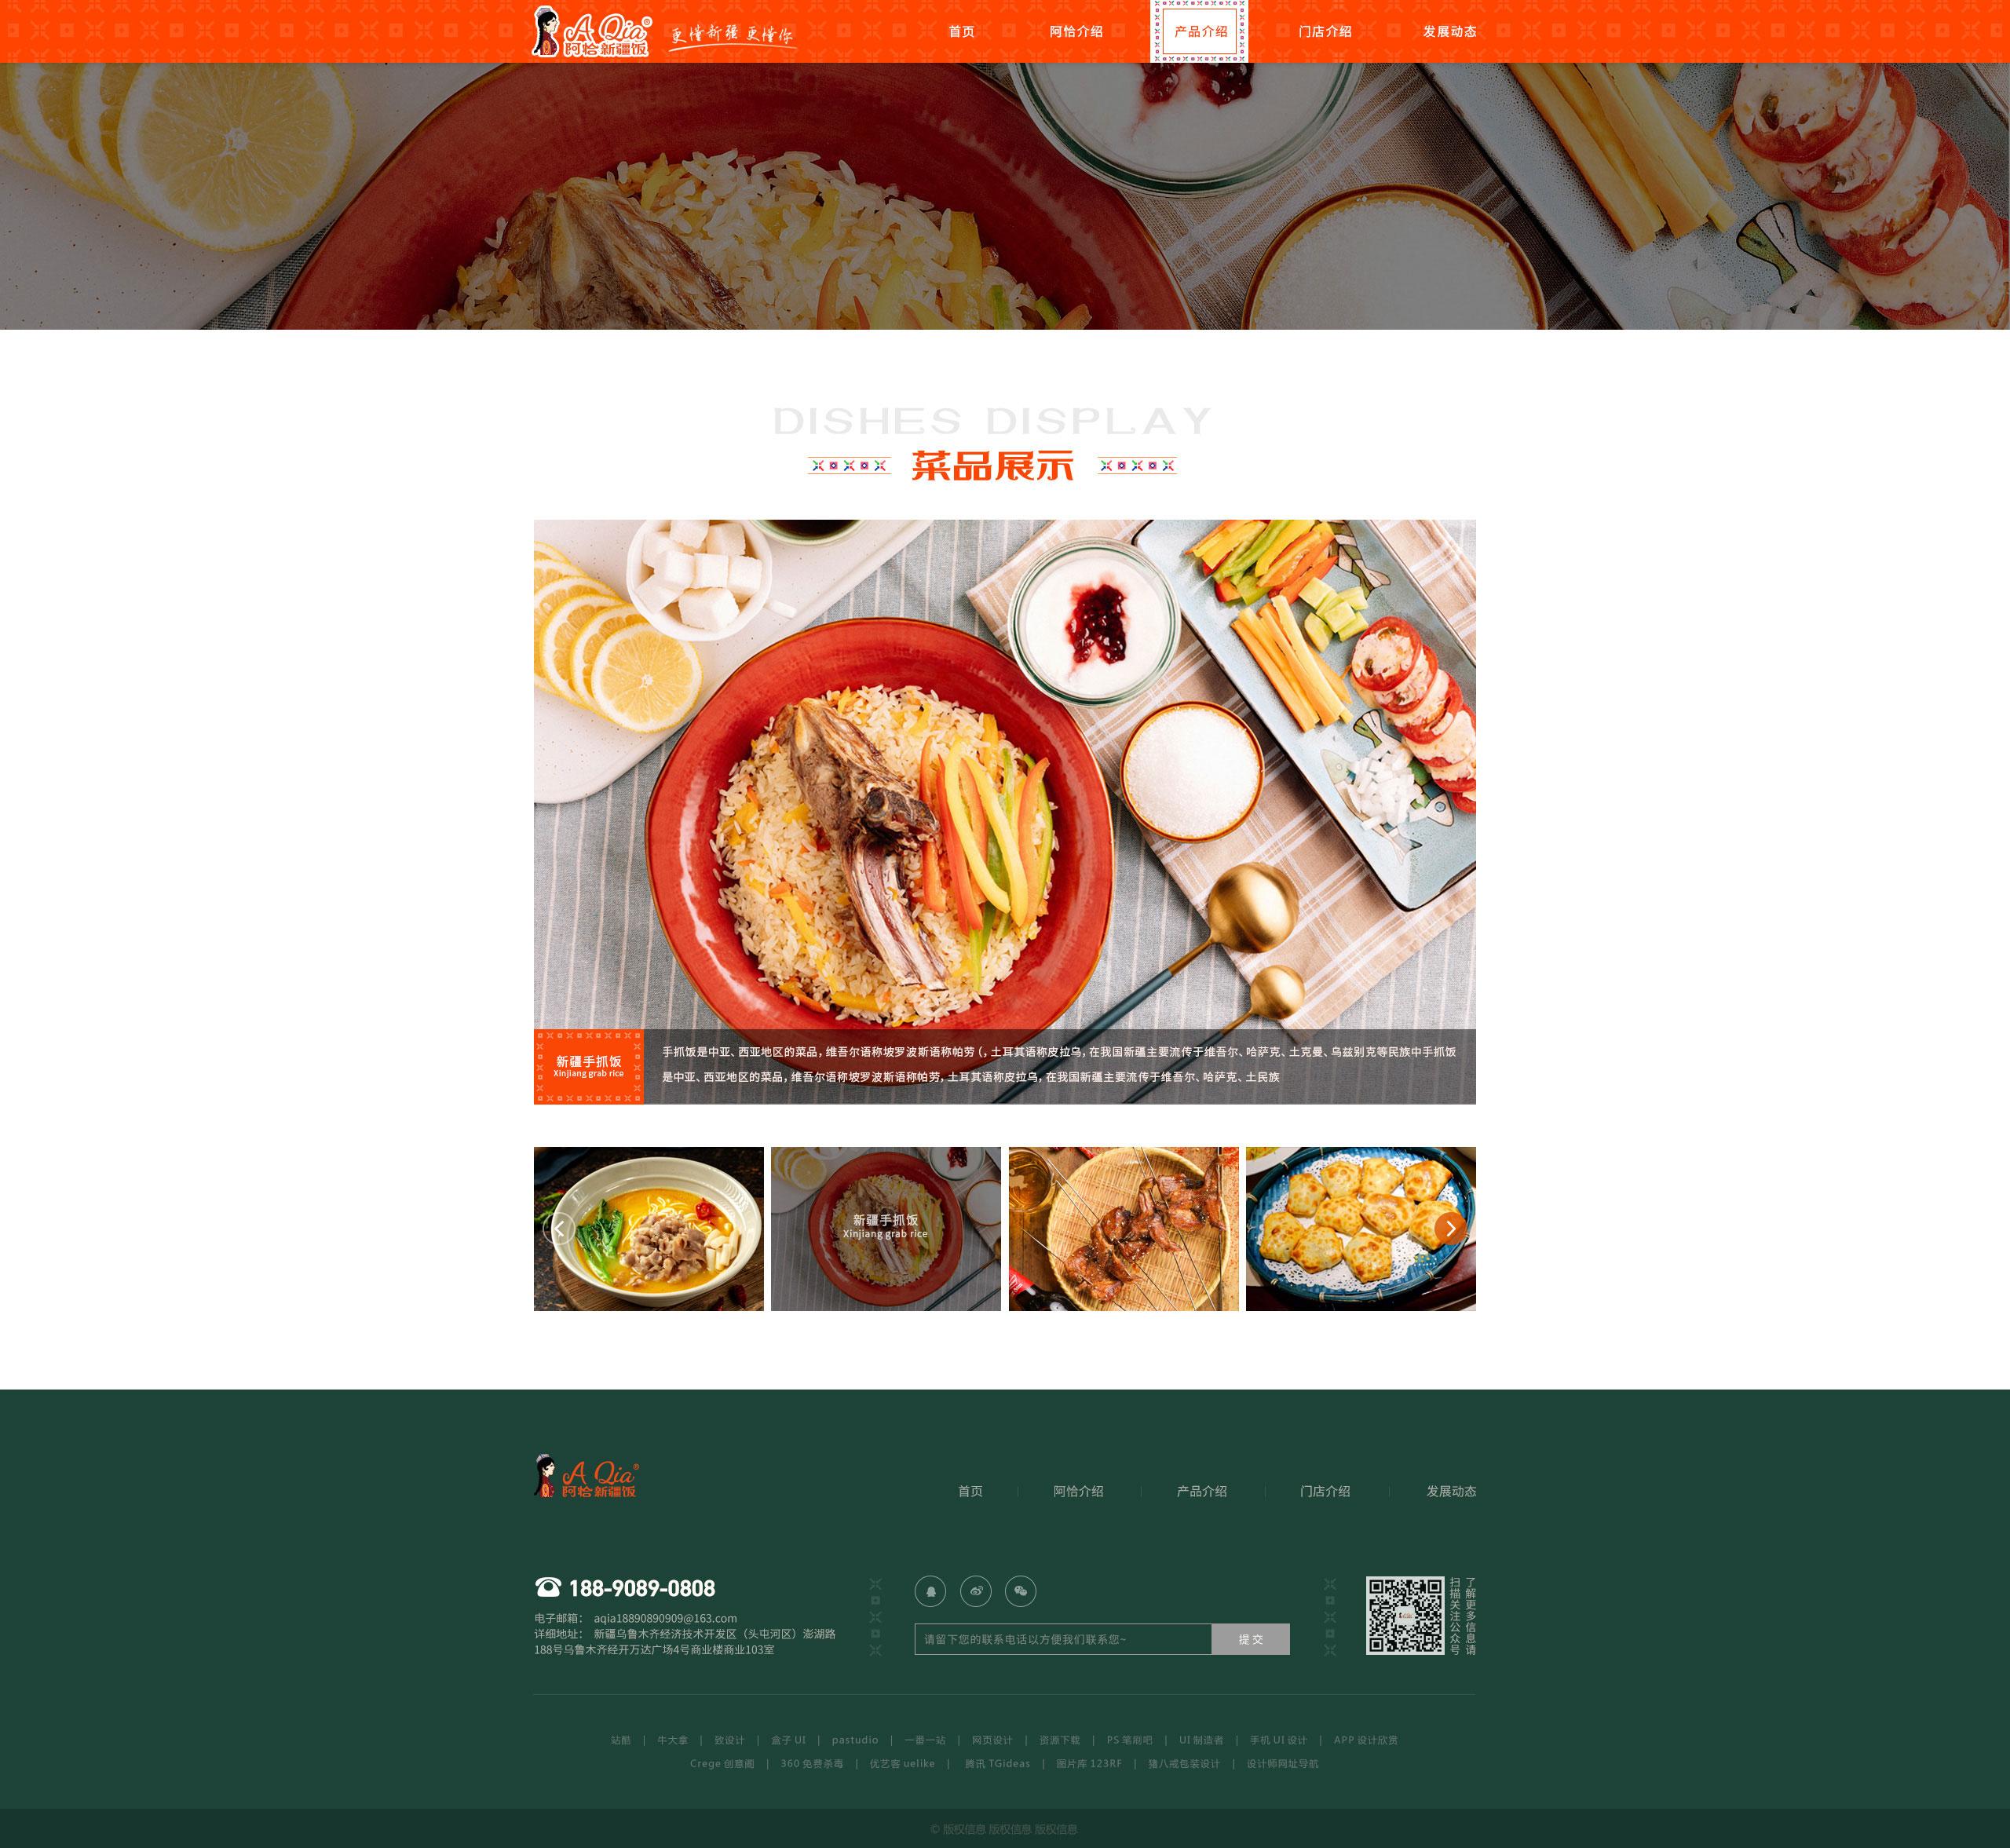 6-阿恰-菜品展示-内页.jpg